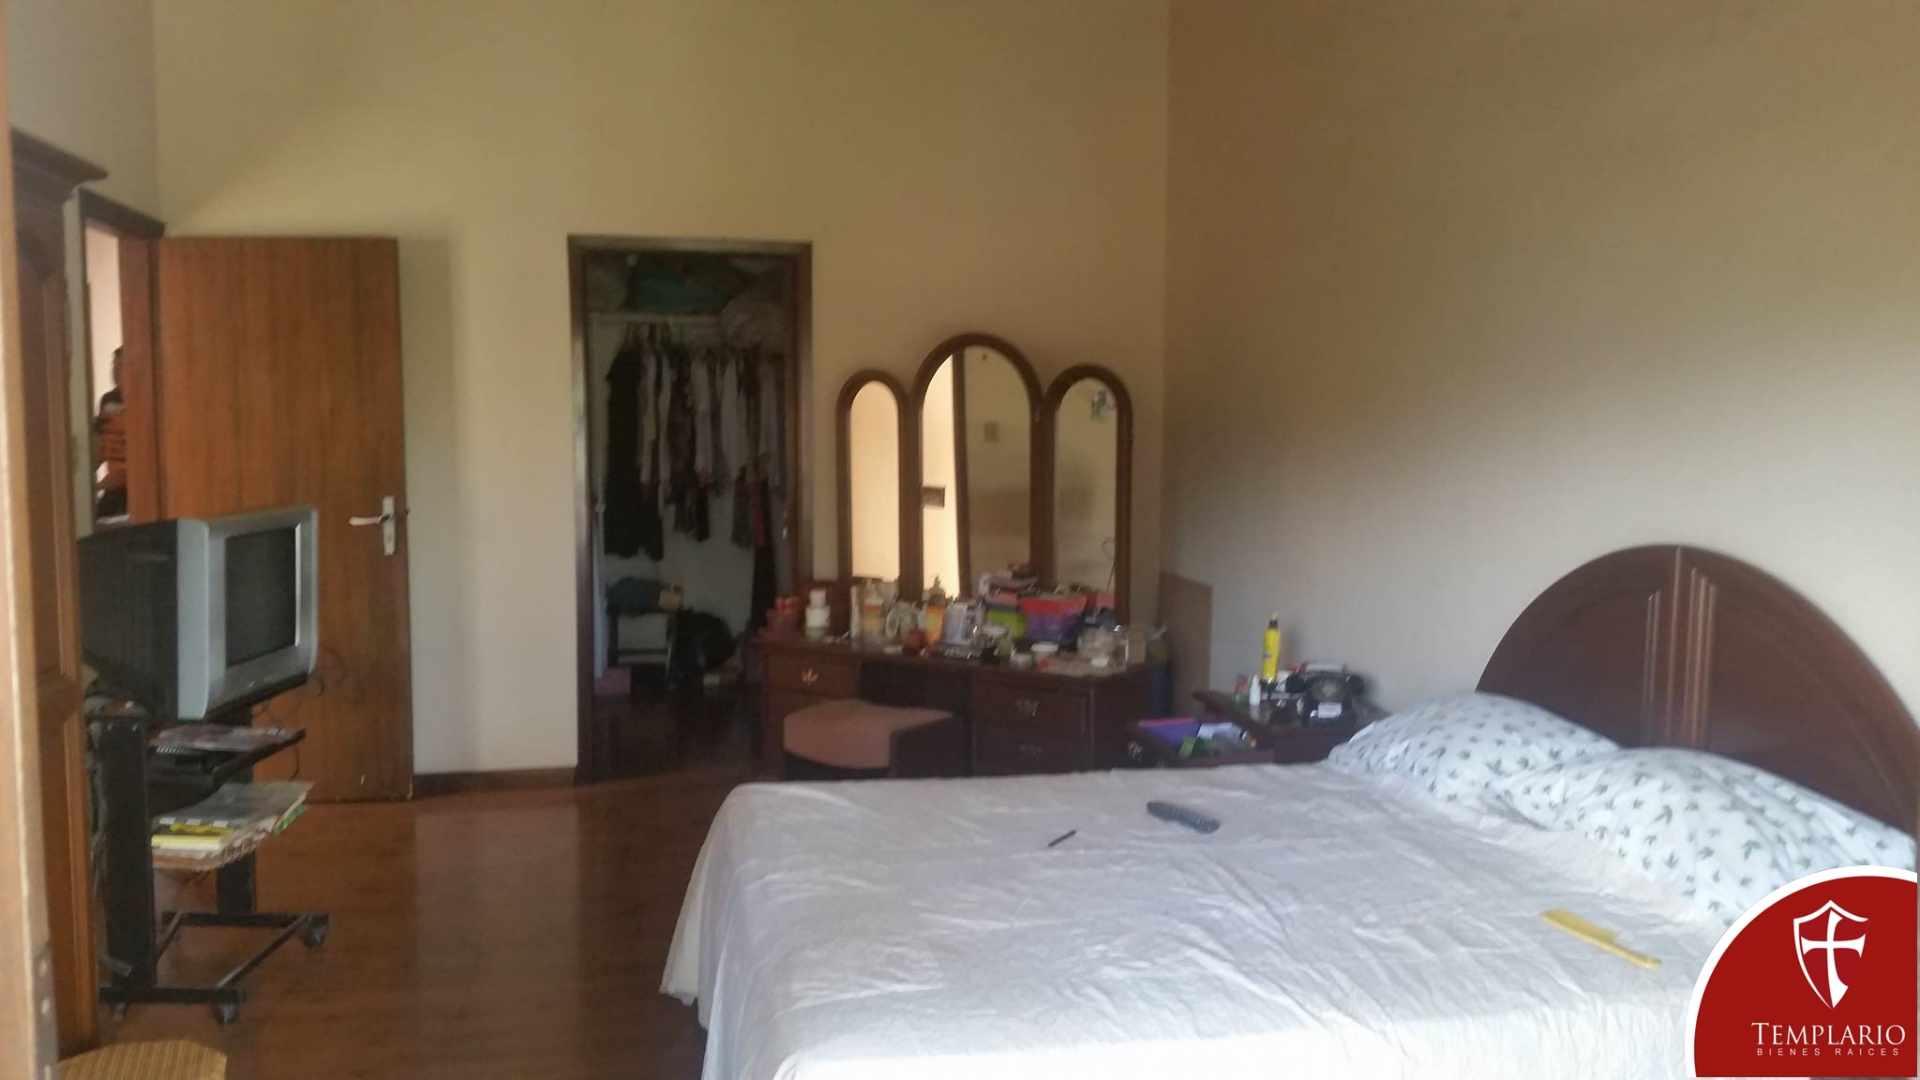 Casa en Venta Avenida La Barranca entre 2 y 3 anillo Foto 2